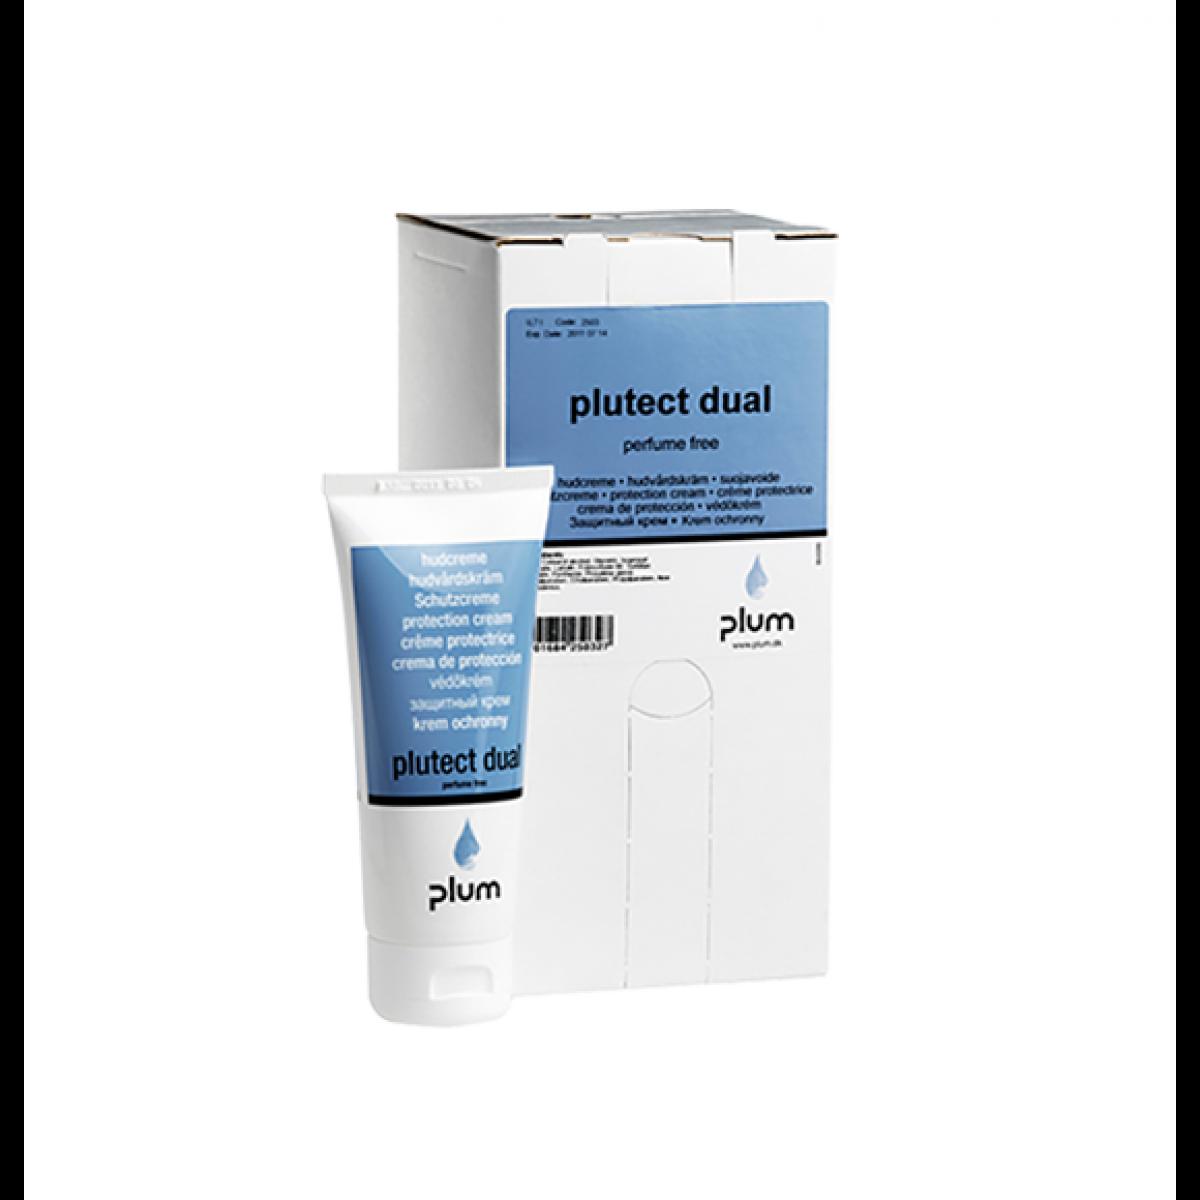 Plum Plutect Dual-31